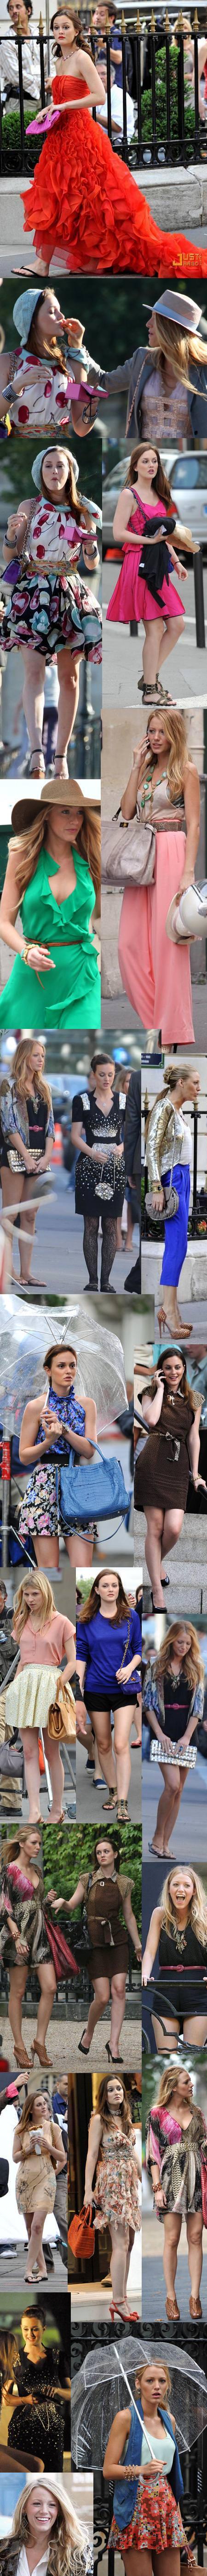 Leighton Meester en París con Gossip Girl